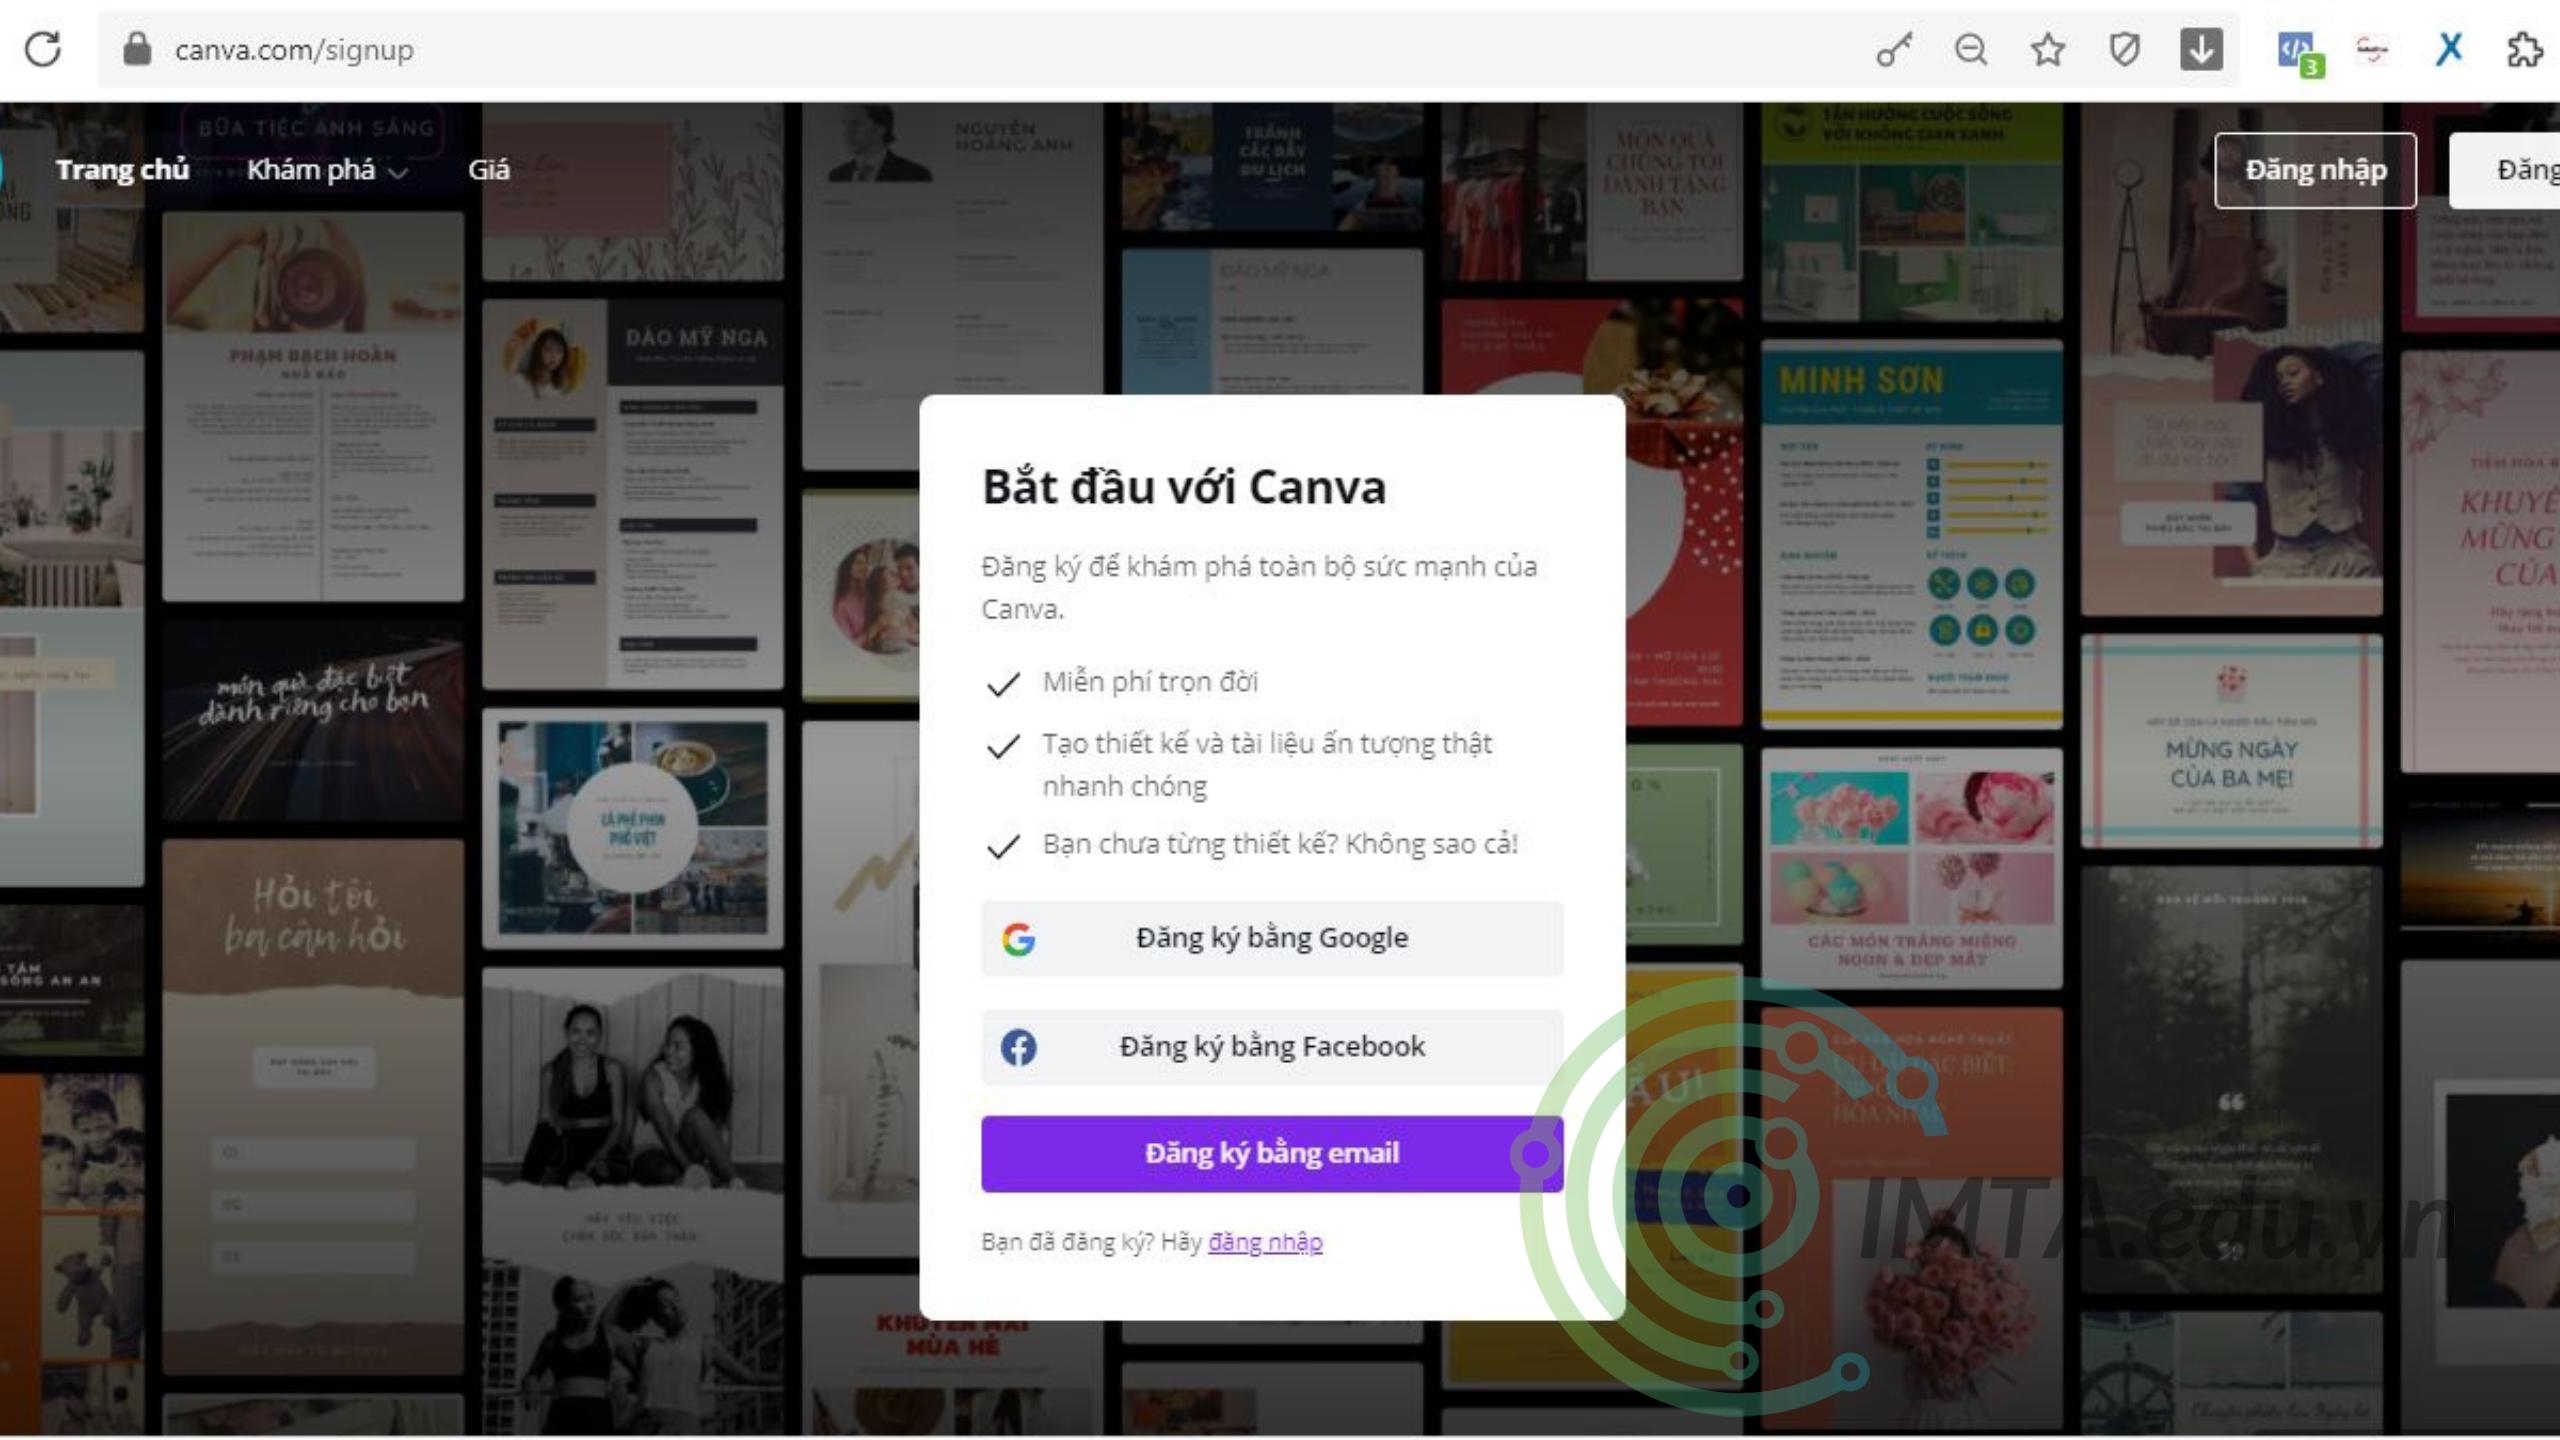 Đăng ký Canva bằng Gmail